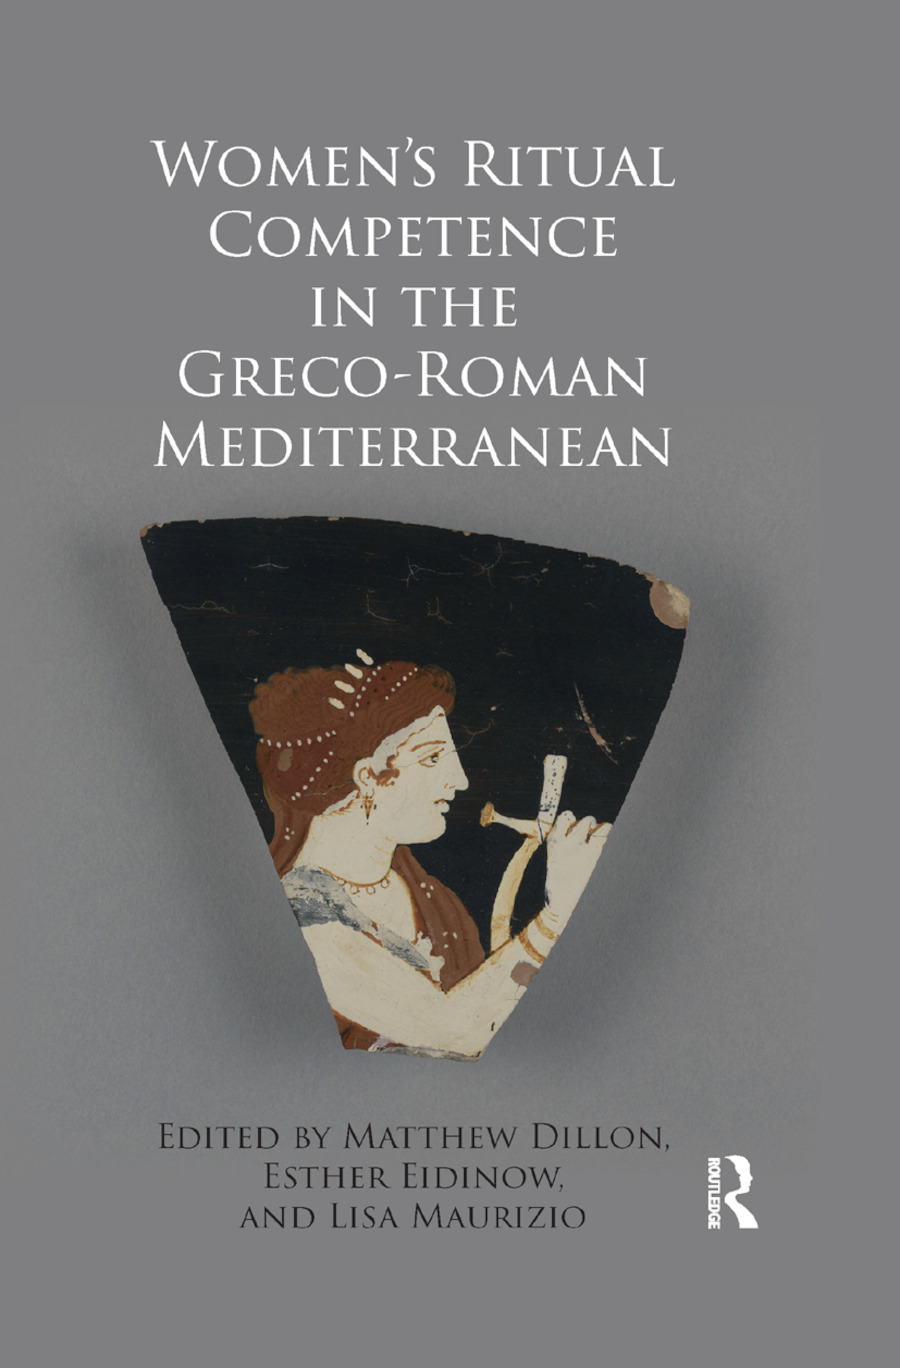 Women's Ritual Competence in the Greco-Roman Mediterranean book cover